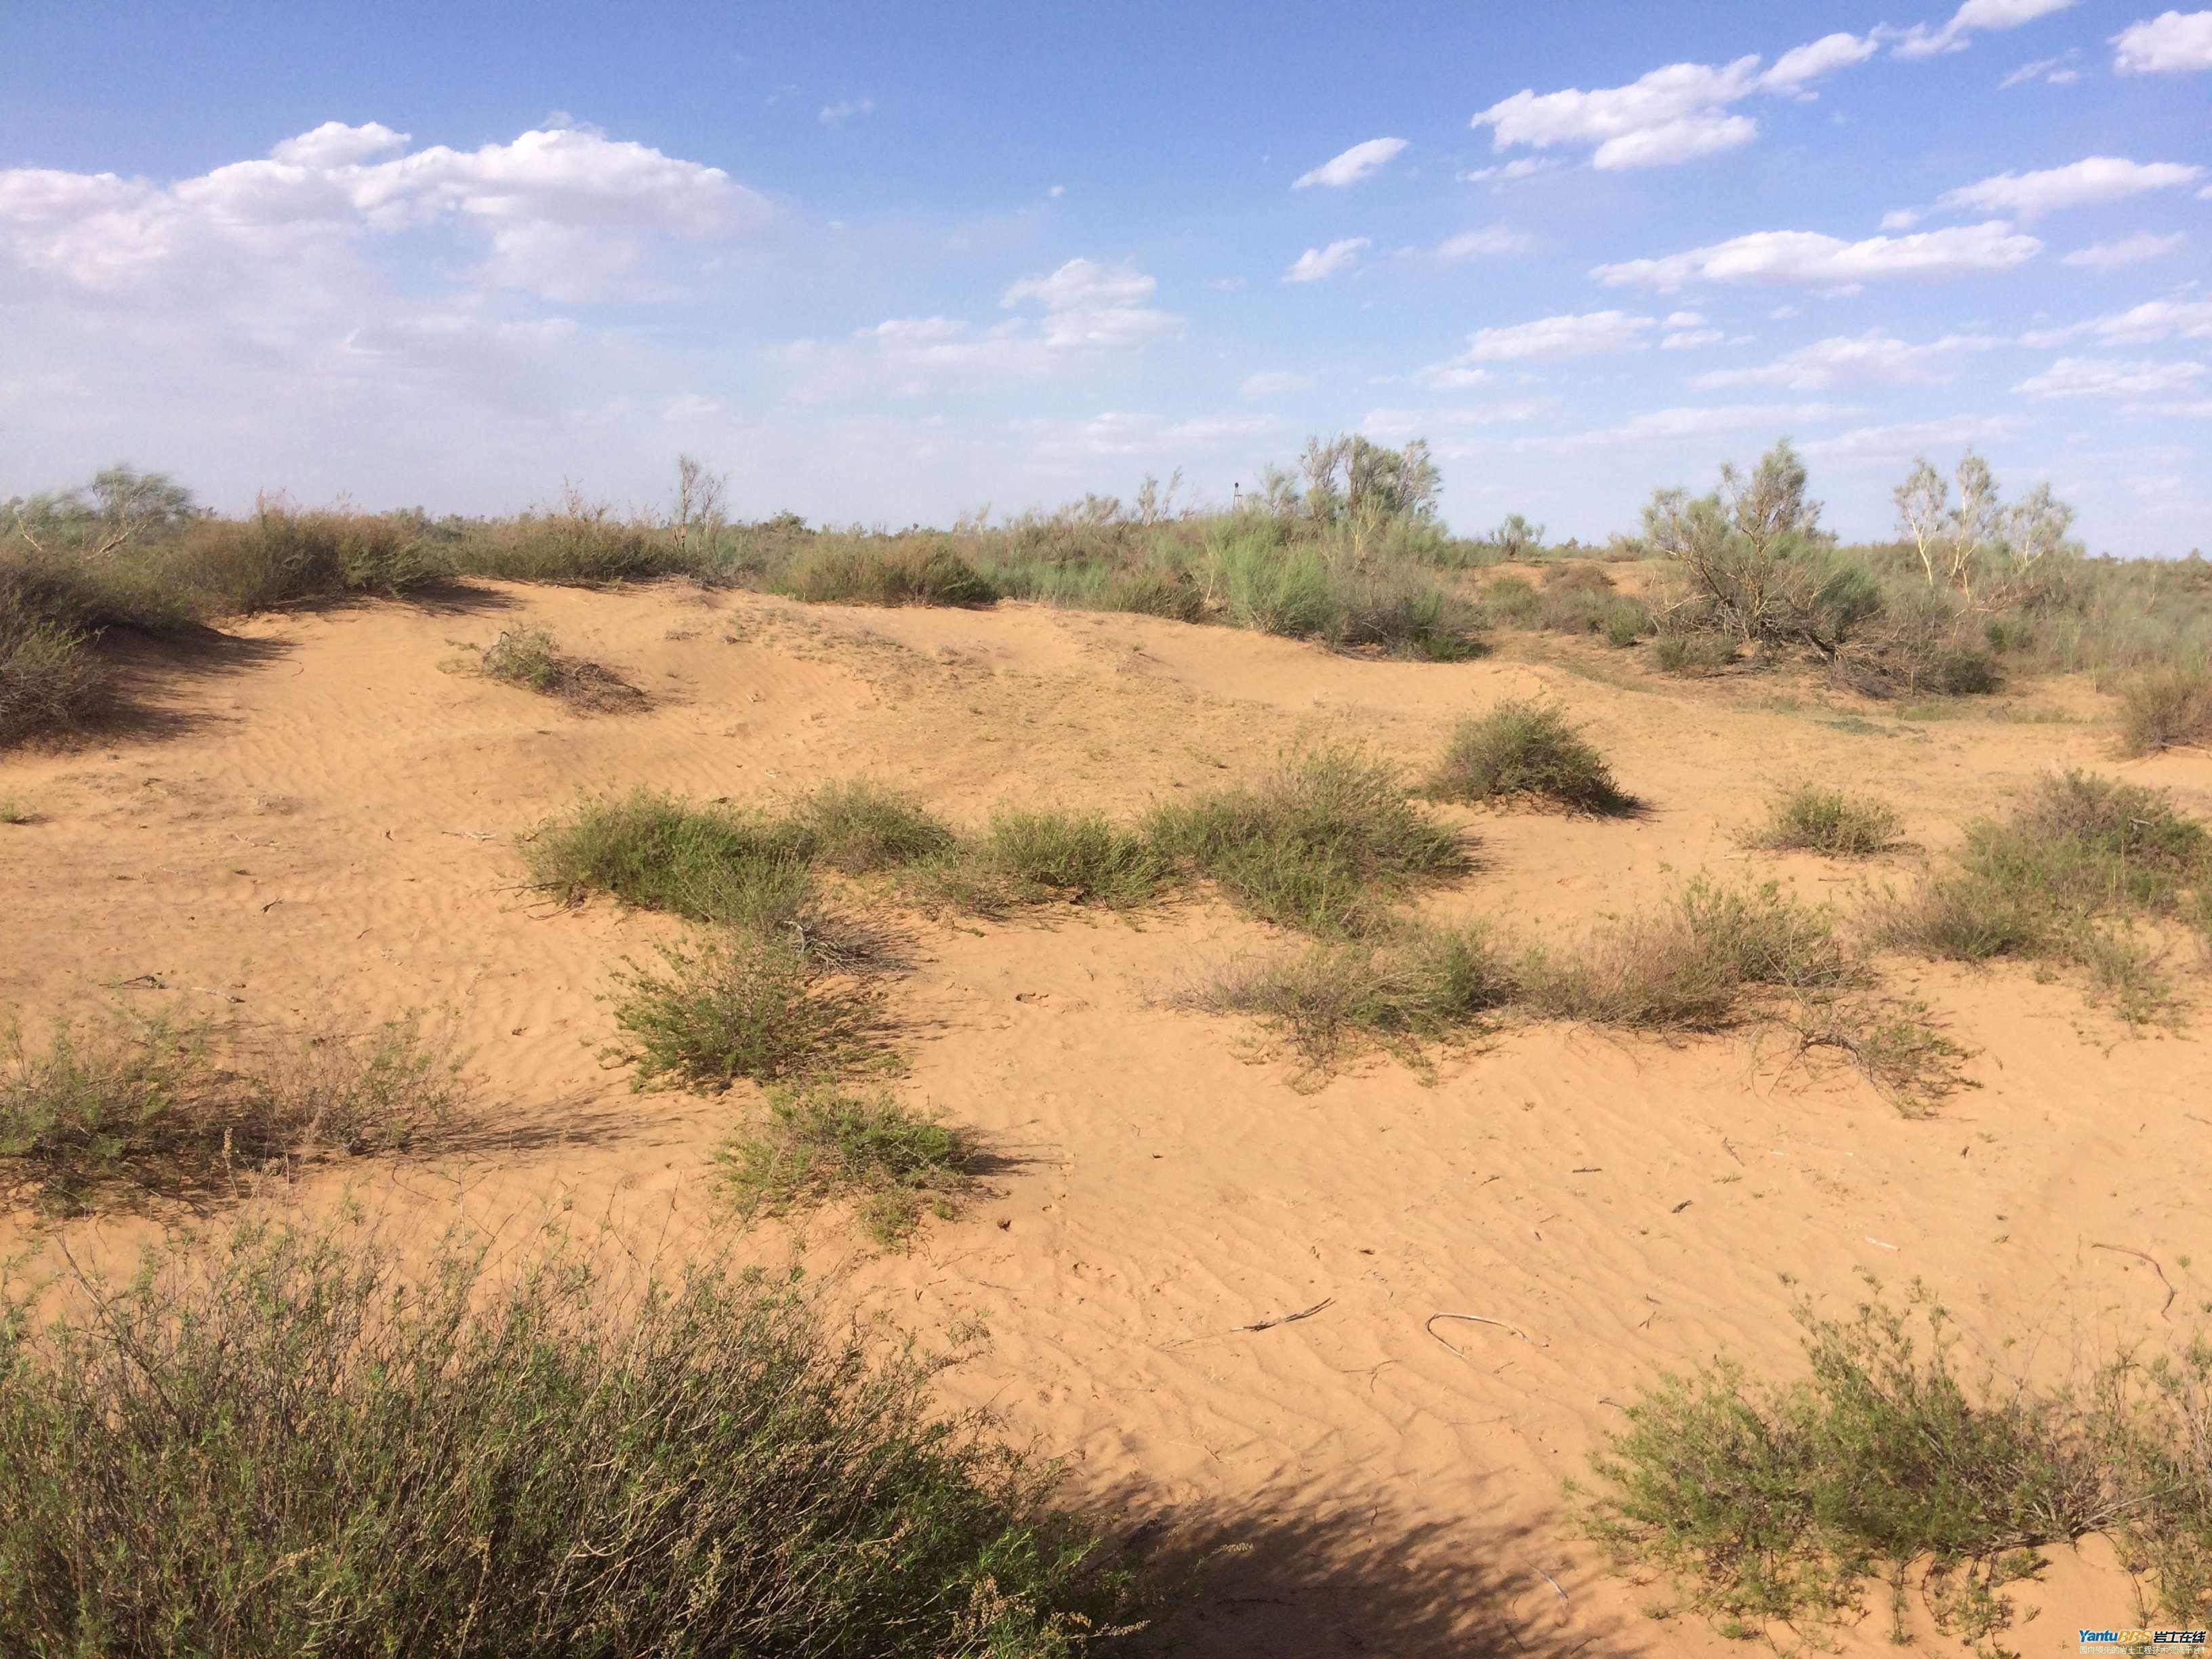 中国第一个将消失的沙漠:面积比海南岛还大,如今80%沙漠成绿洲